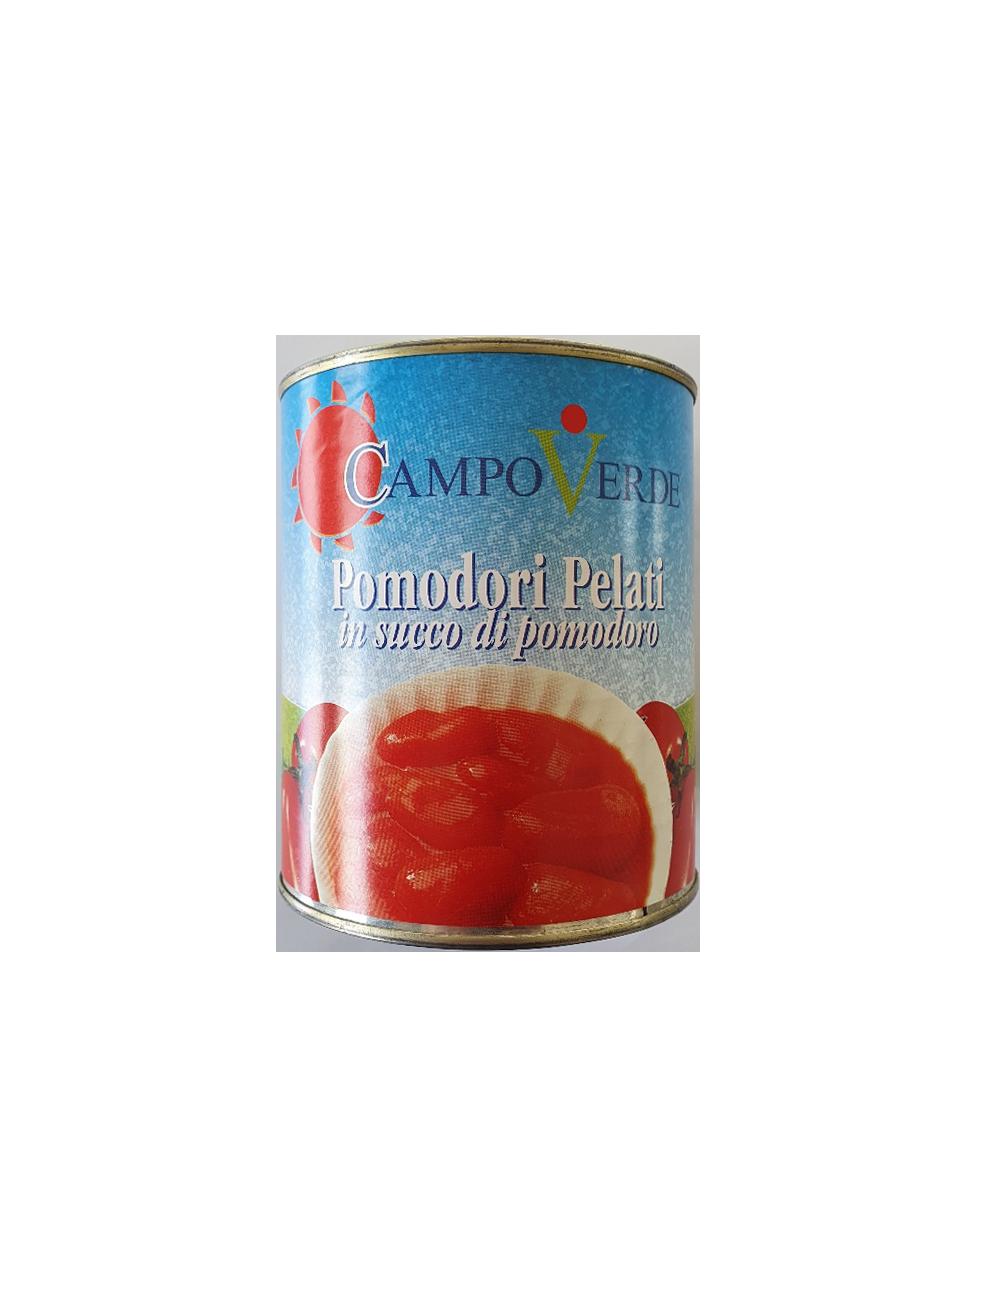 Pomodori Pelati Kg 1 - Peso...